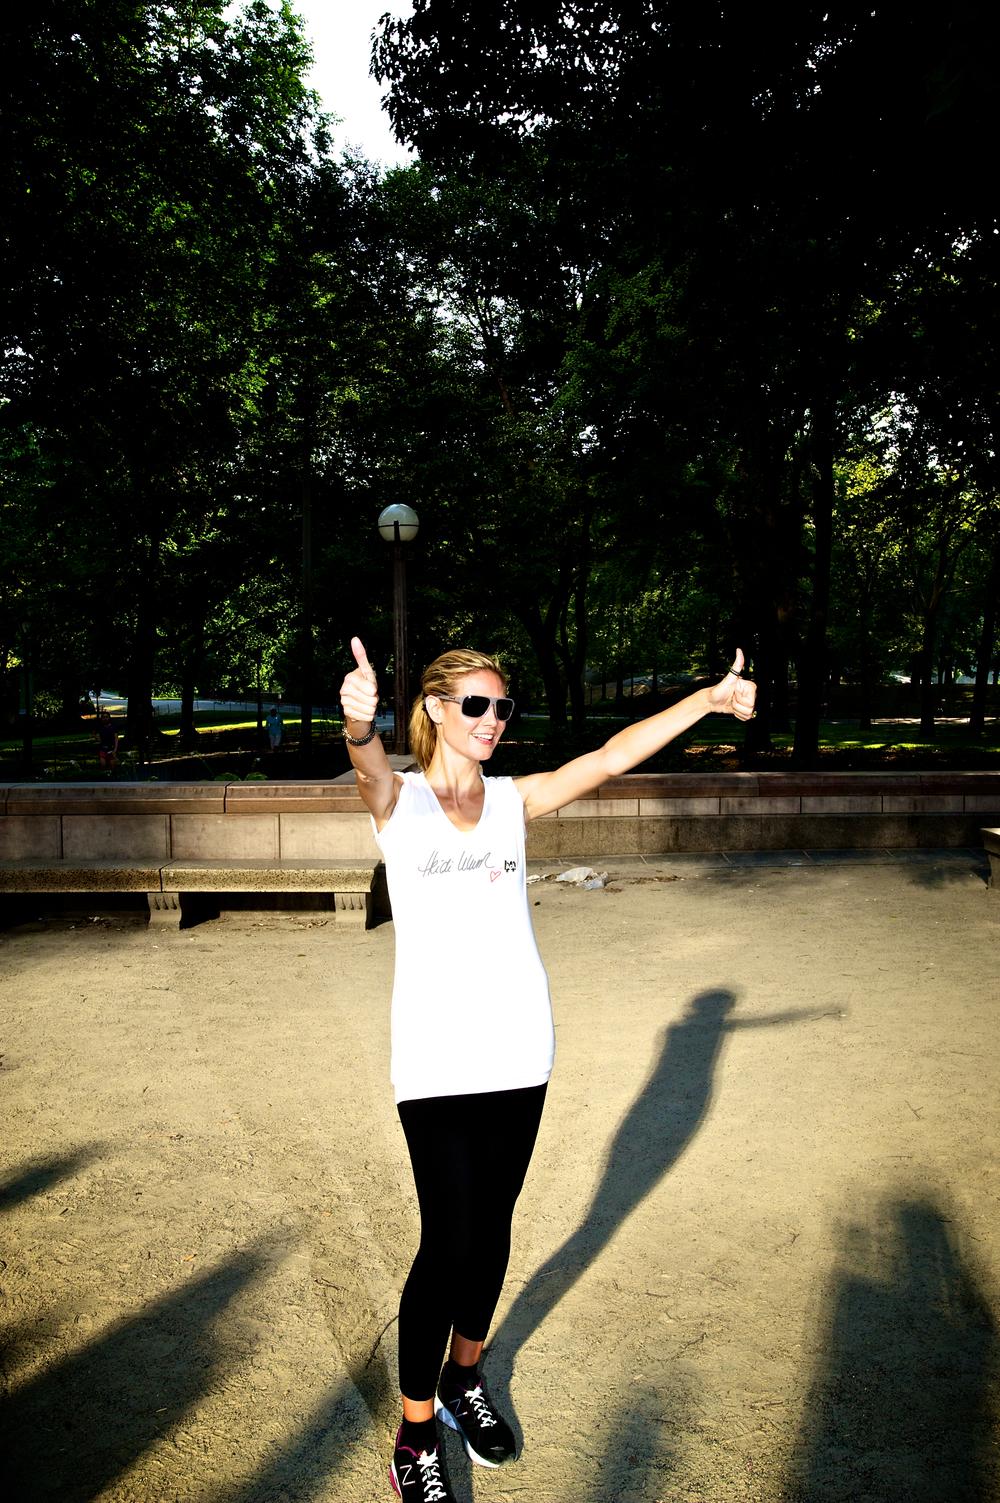 BNV_AOL_201107_HeidiKlumRun_476.jpg